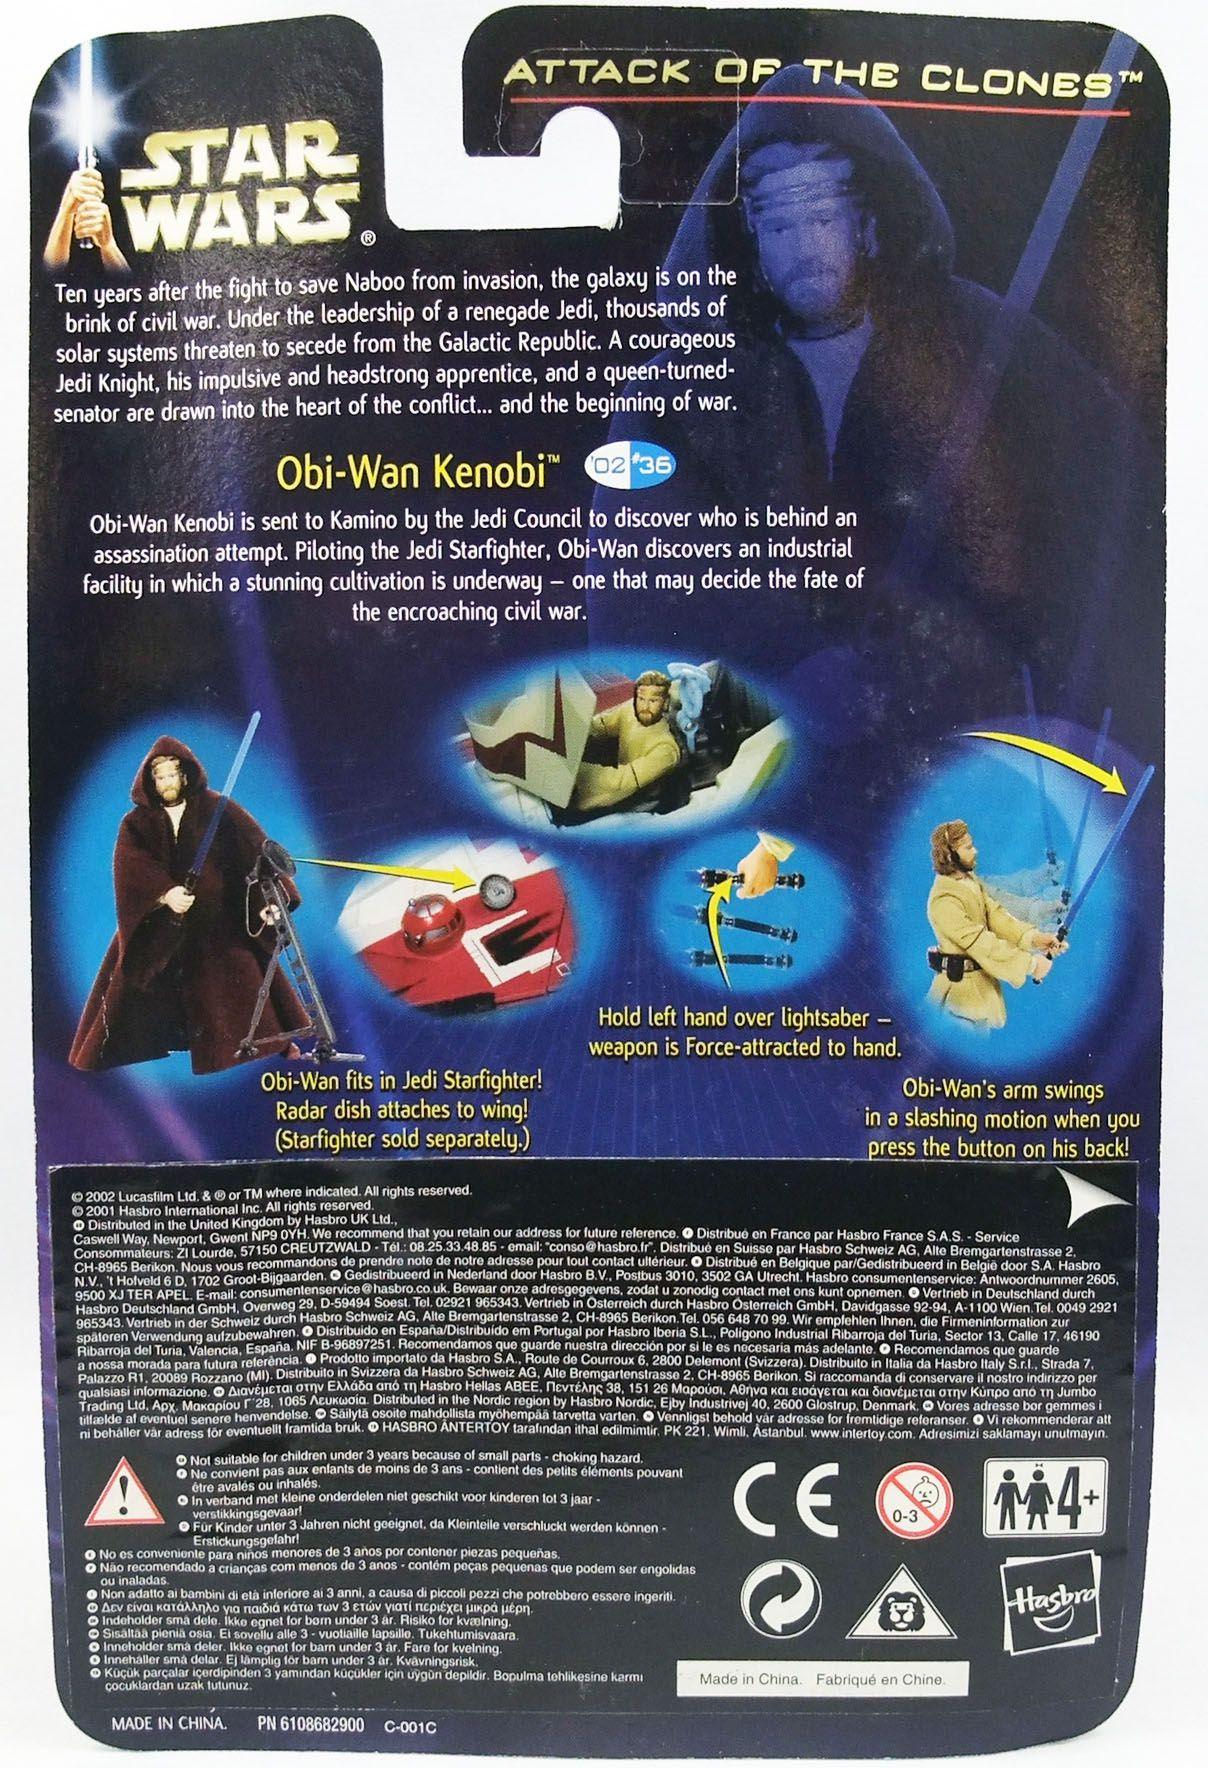 Star Wars (Saga Collection) - Hasbro - Obi-Wan Kenobi (Jedi Starfighter Pilot)